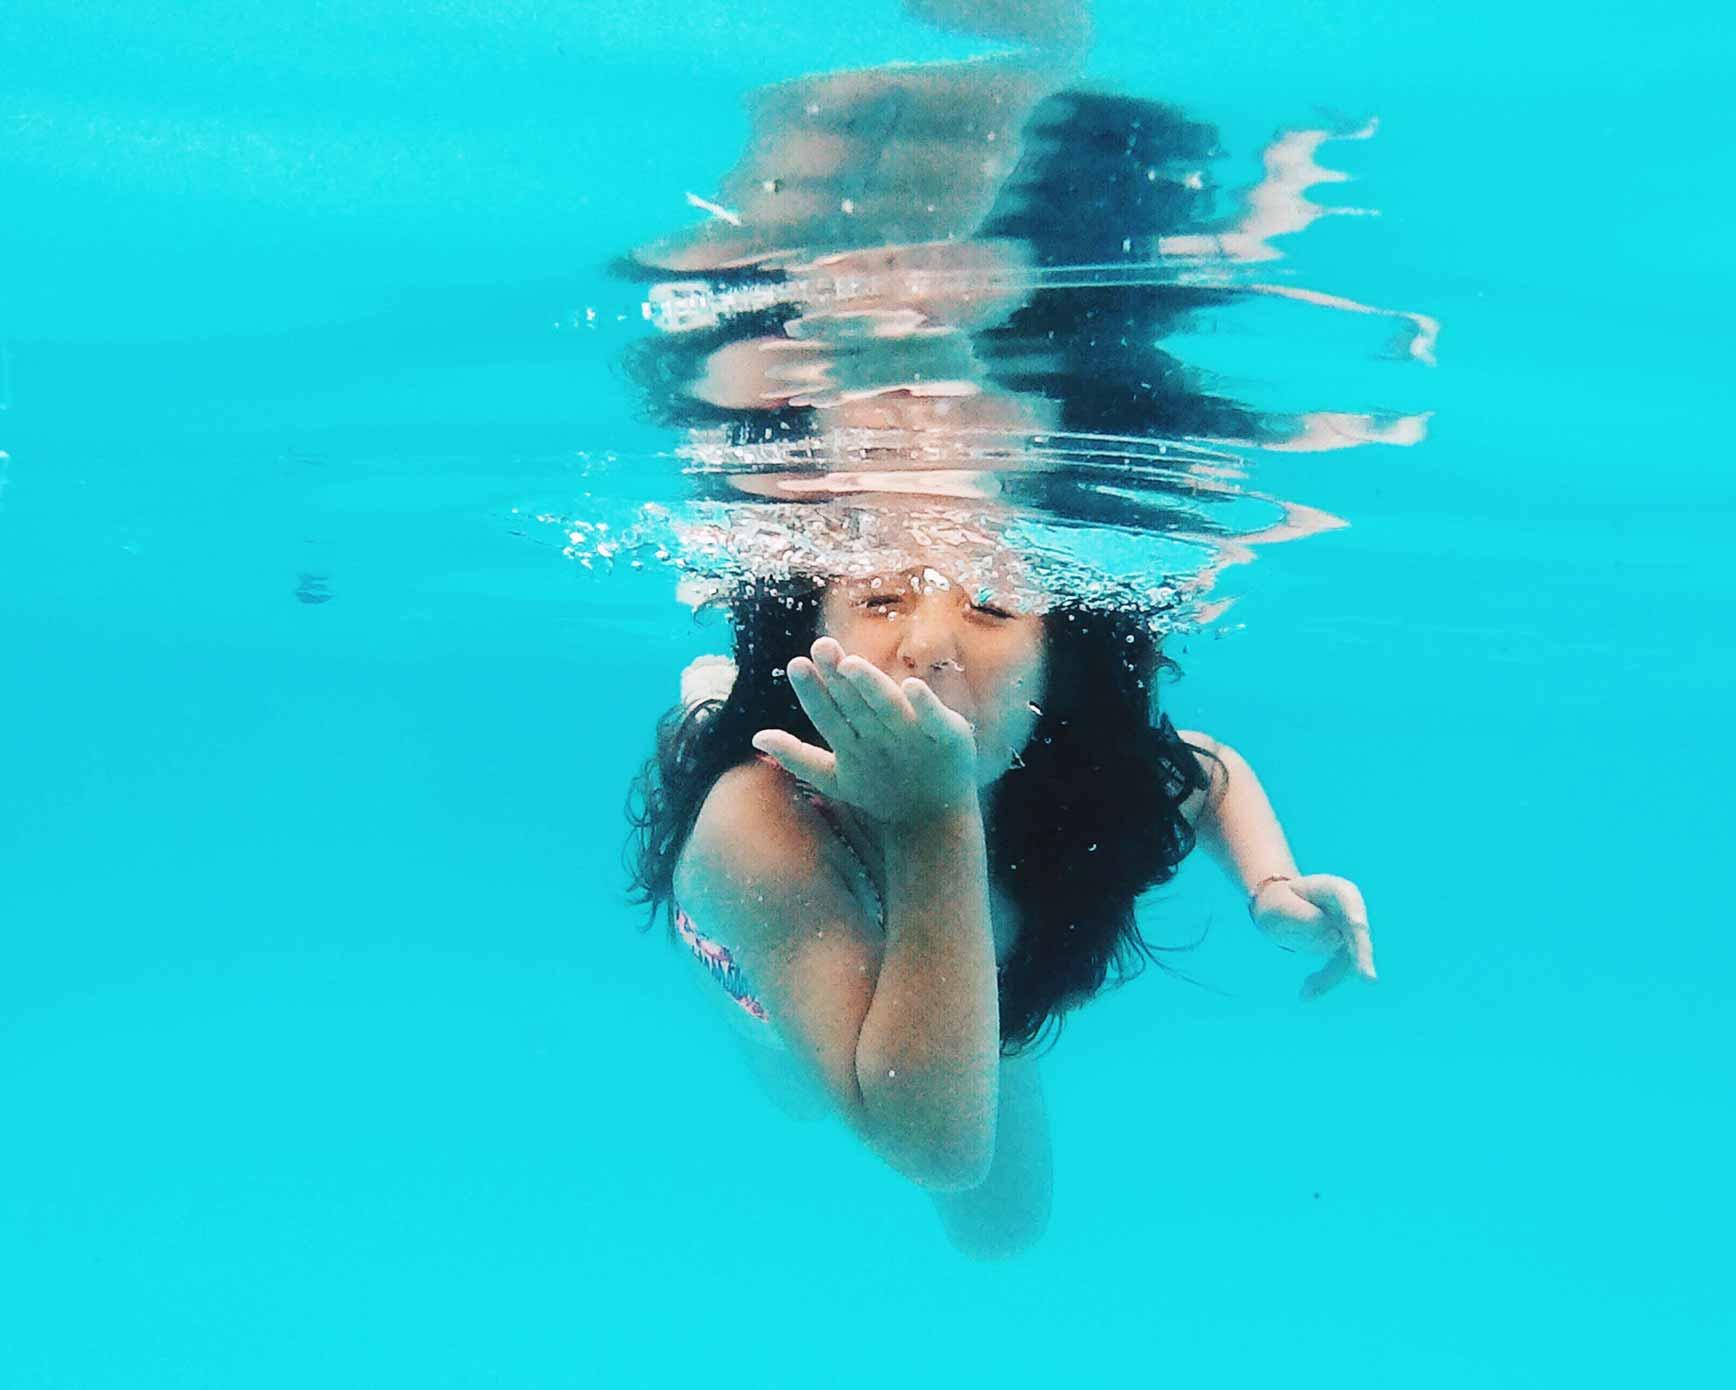 Fotos-bajo-agua-claraBmartin_02